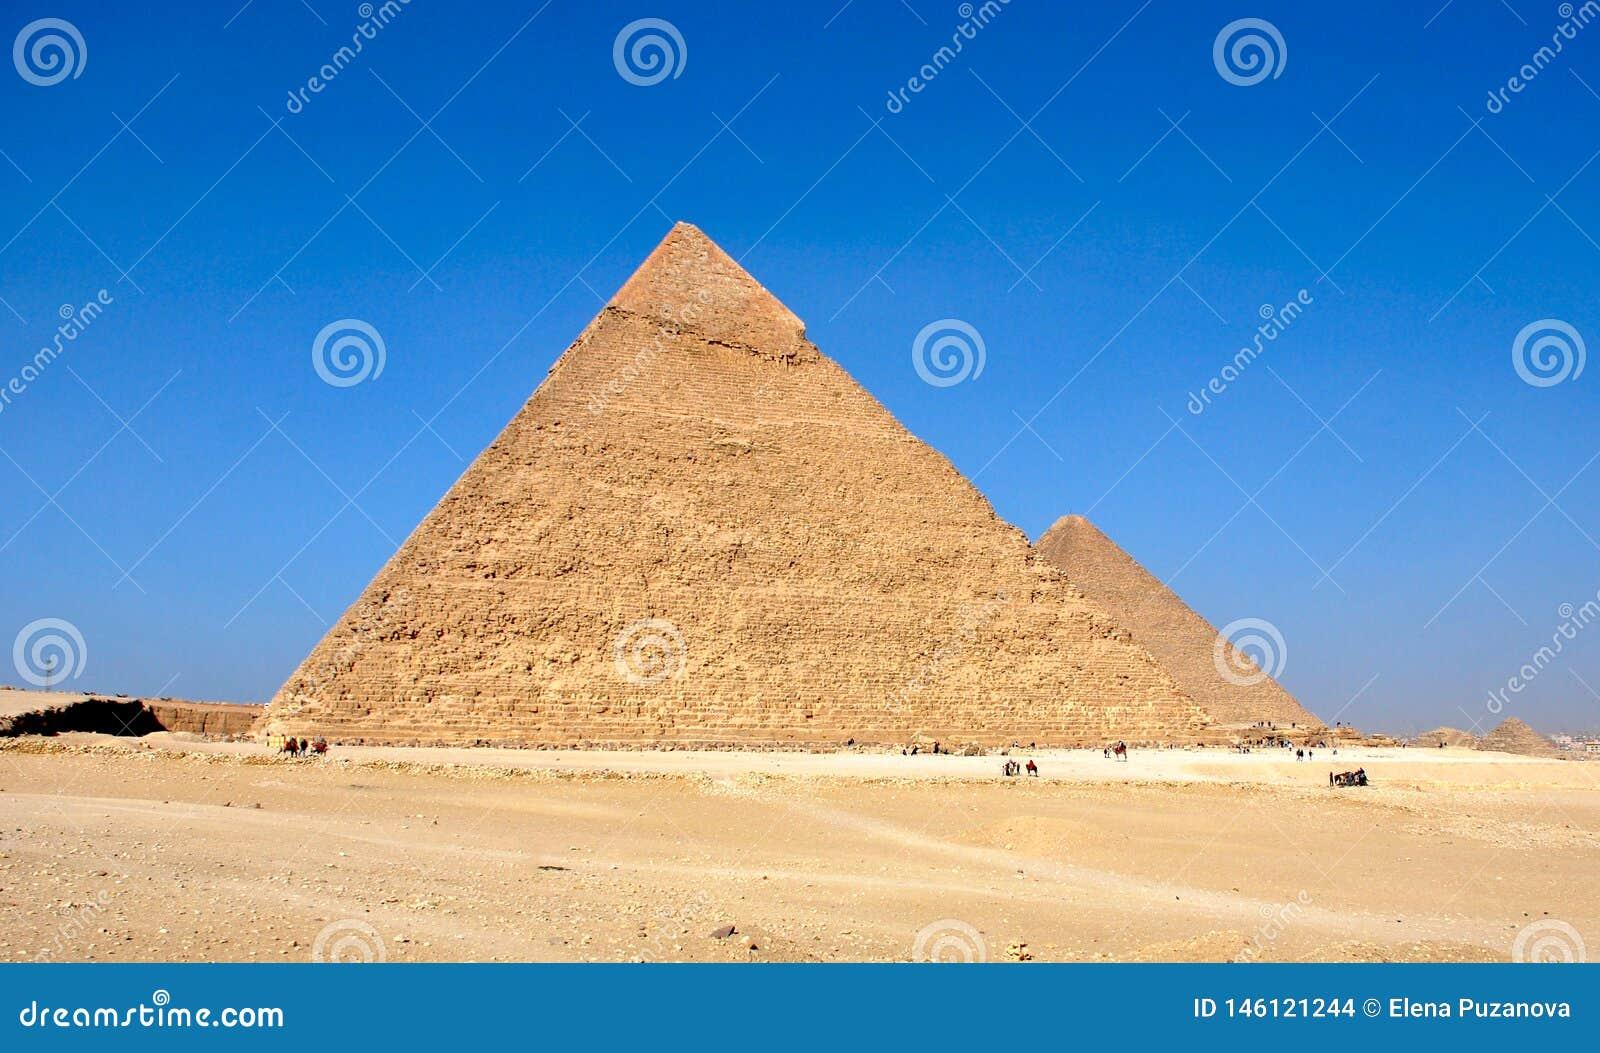 Ancient pyramids of Giza near Cairo Egypt